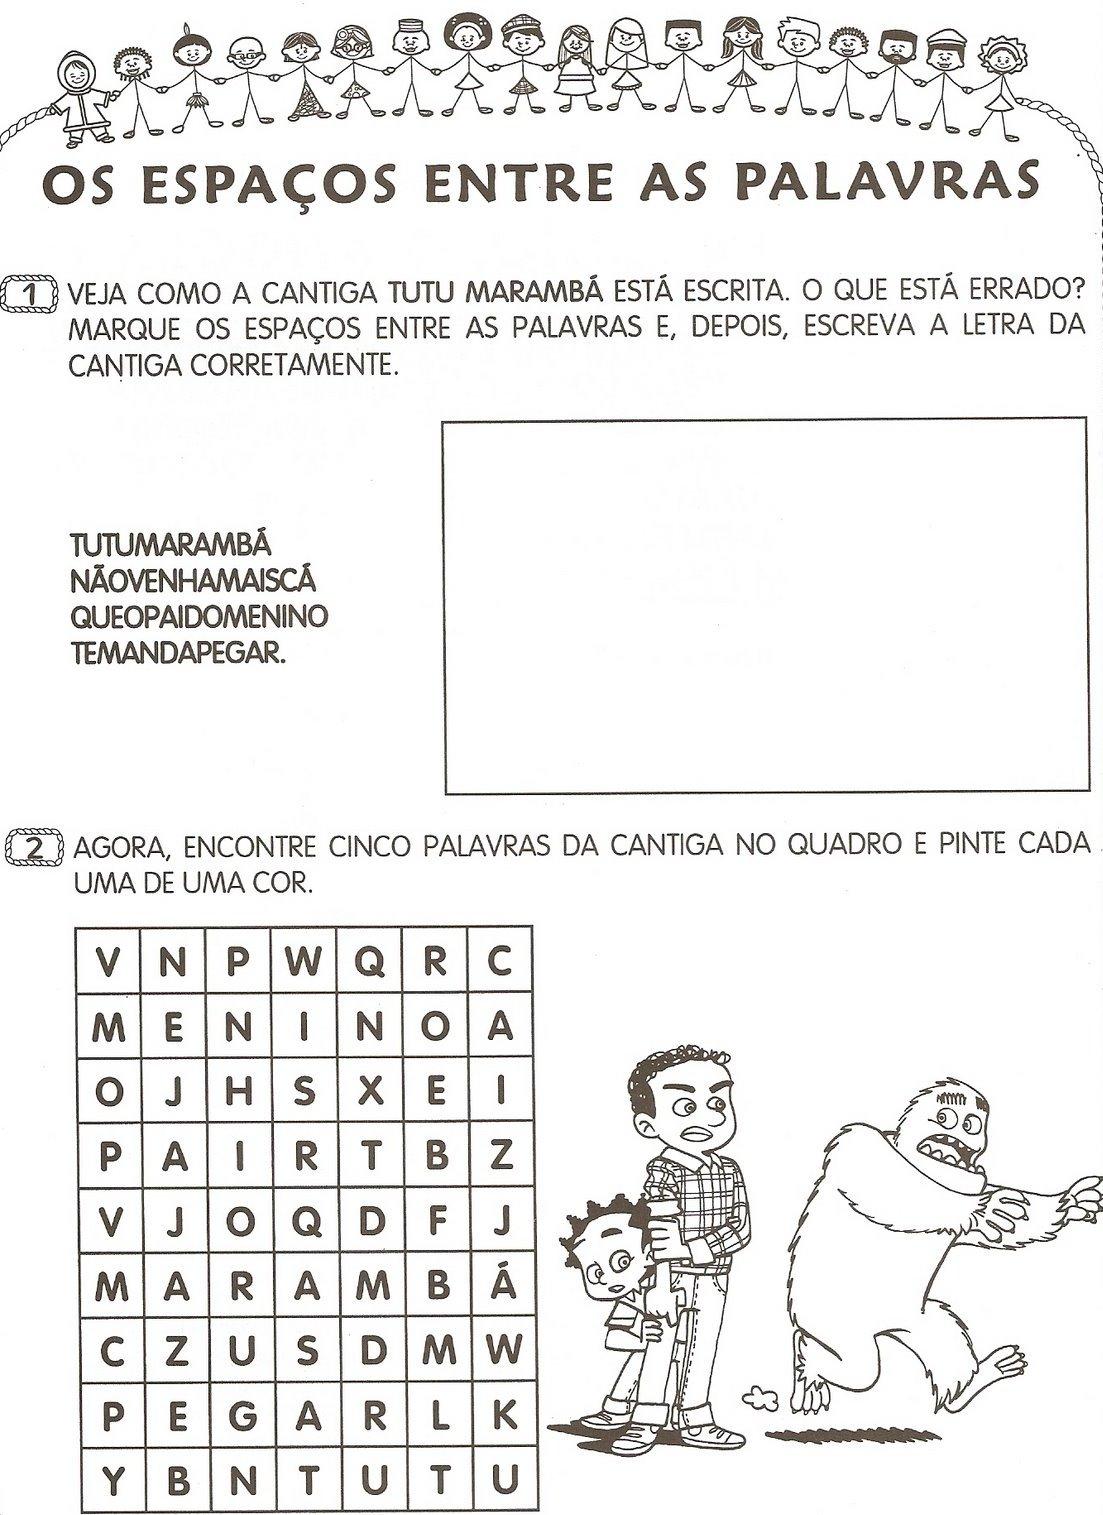 Programa brasileiro de inclusao digital 1a - 1 part 7